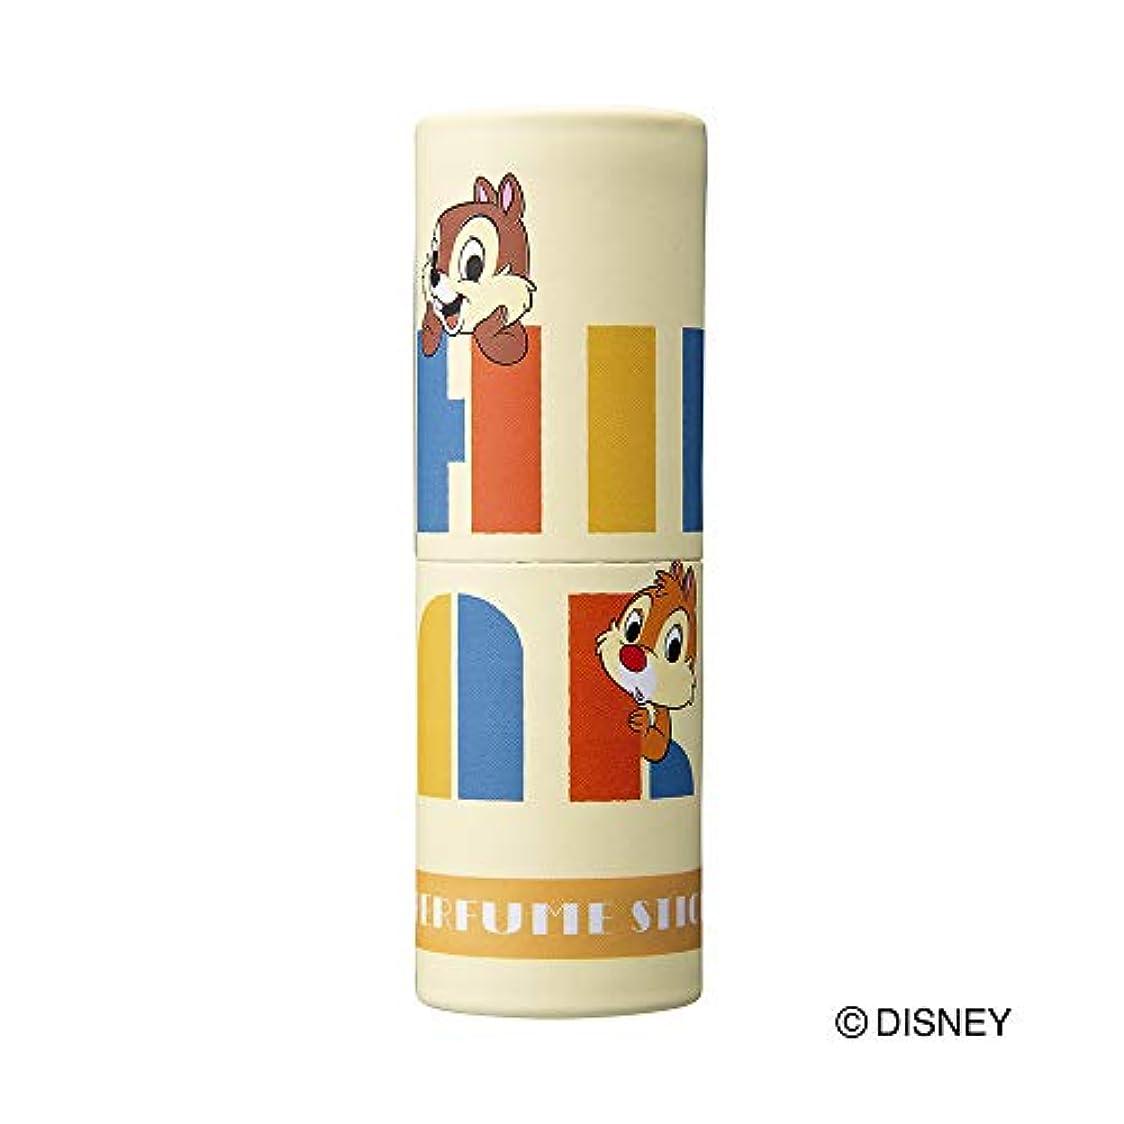 決定的日の出モディッシュパフュームスティック チアー シトラス&シャボンの香り ディズニーデザイン 5g